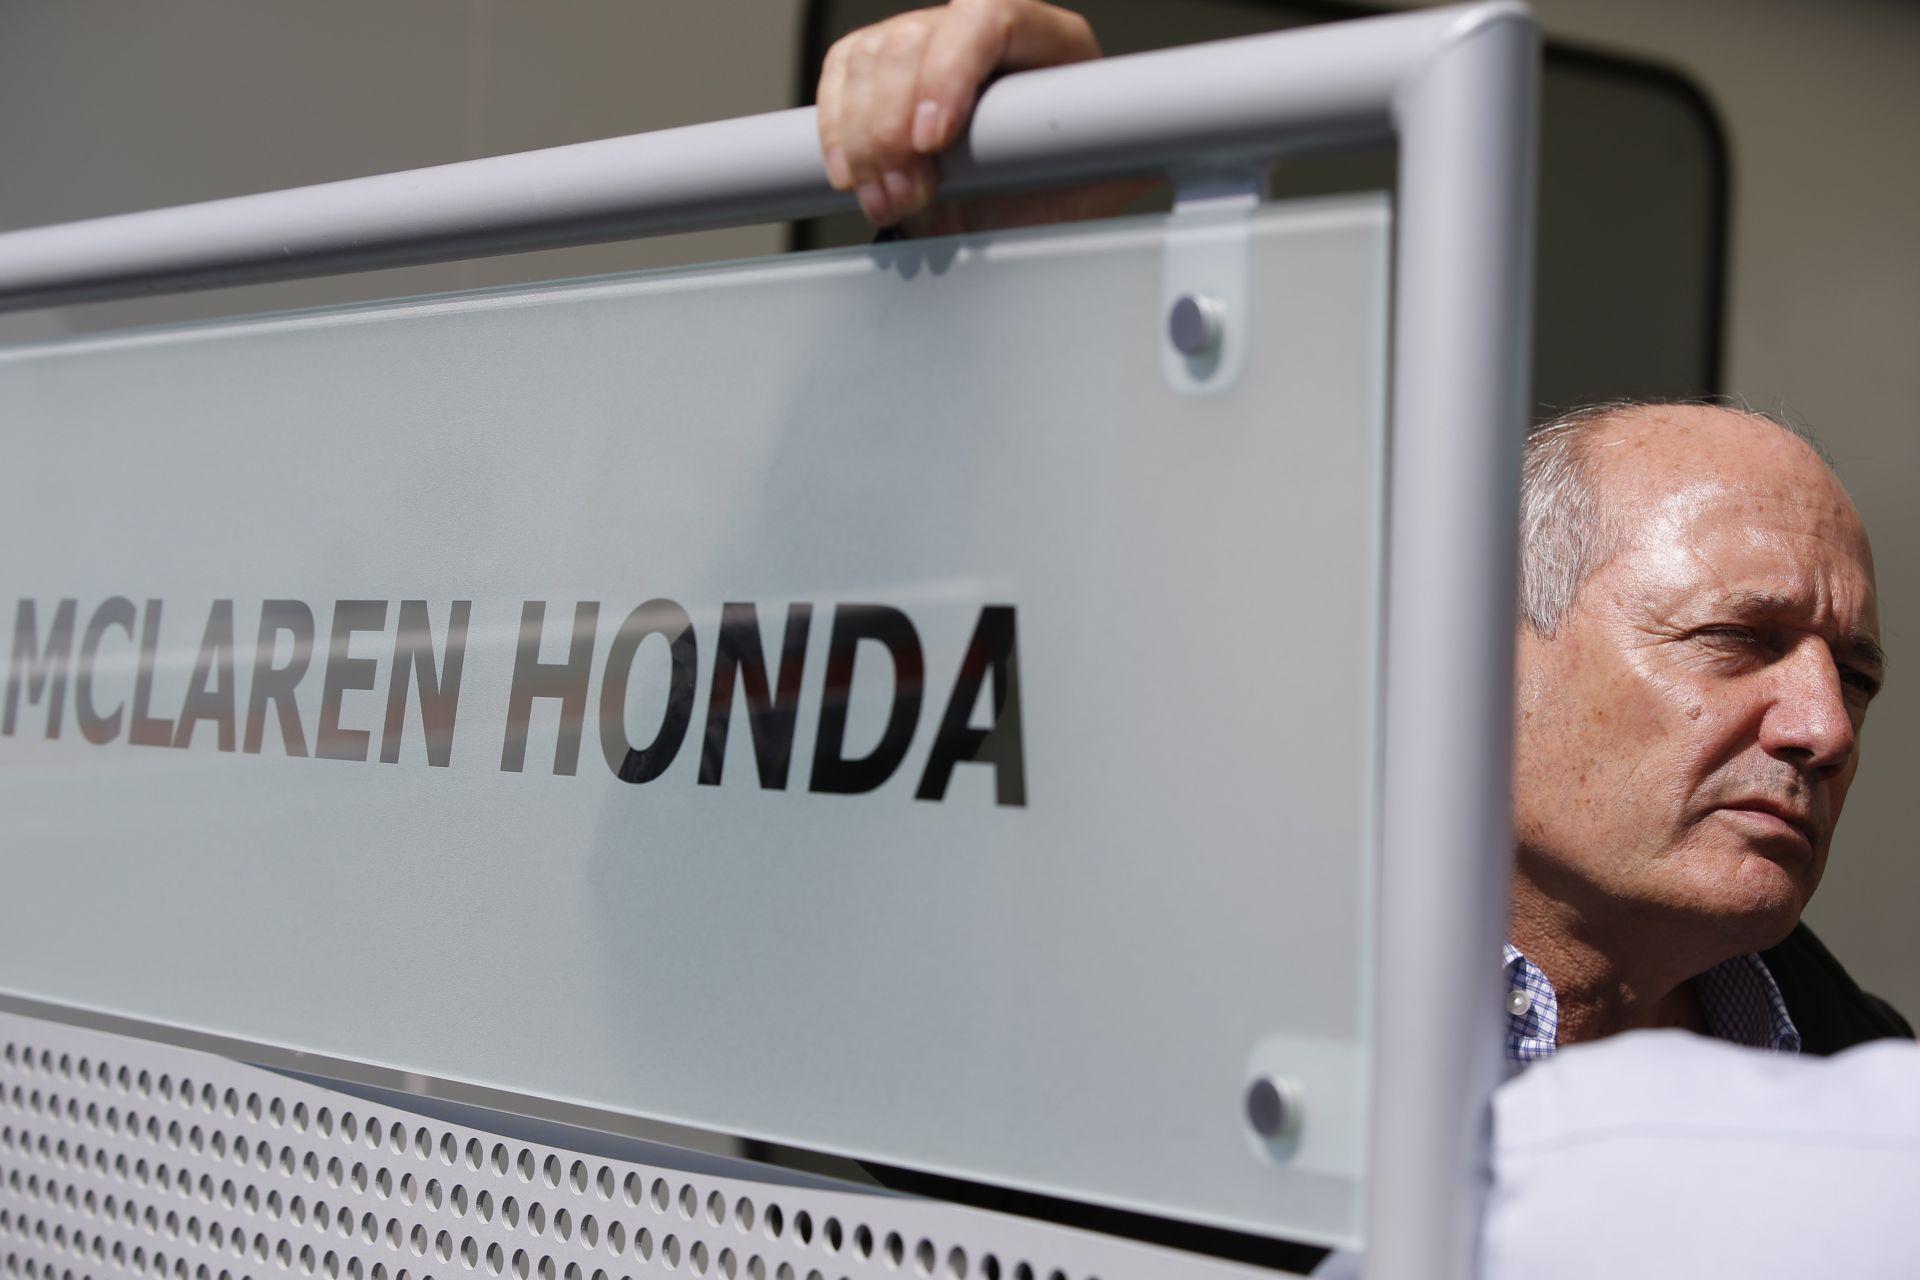 Hiába a botrányos kezdés, a Honda nem fog kiszállni a Forma-1-ből